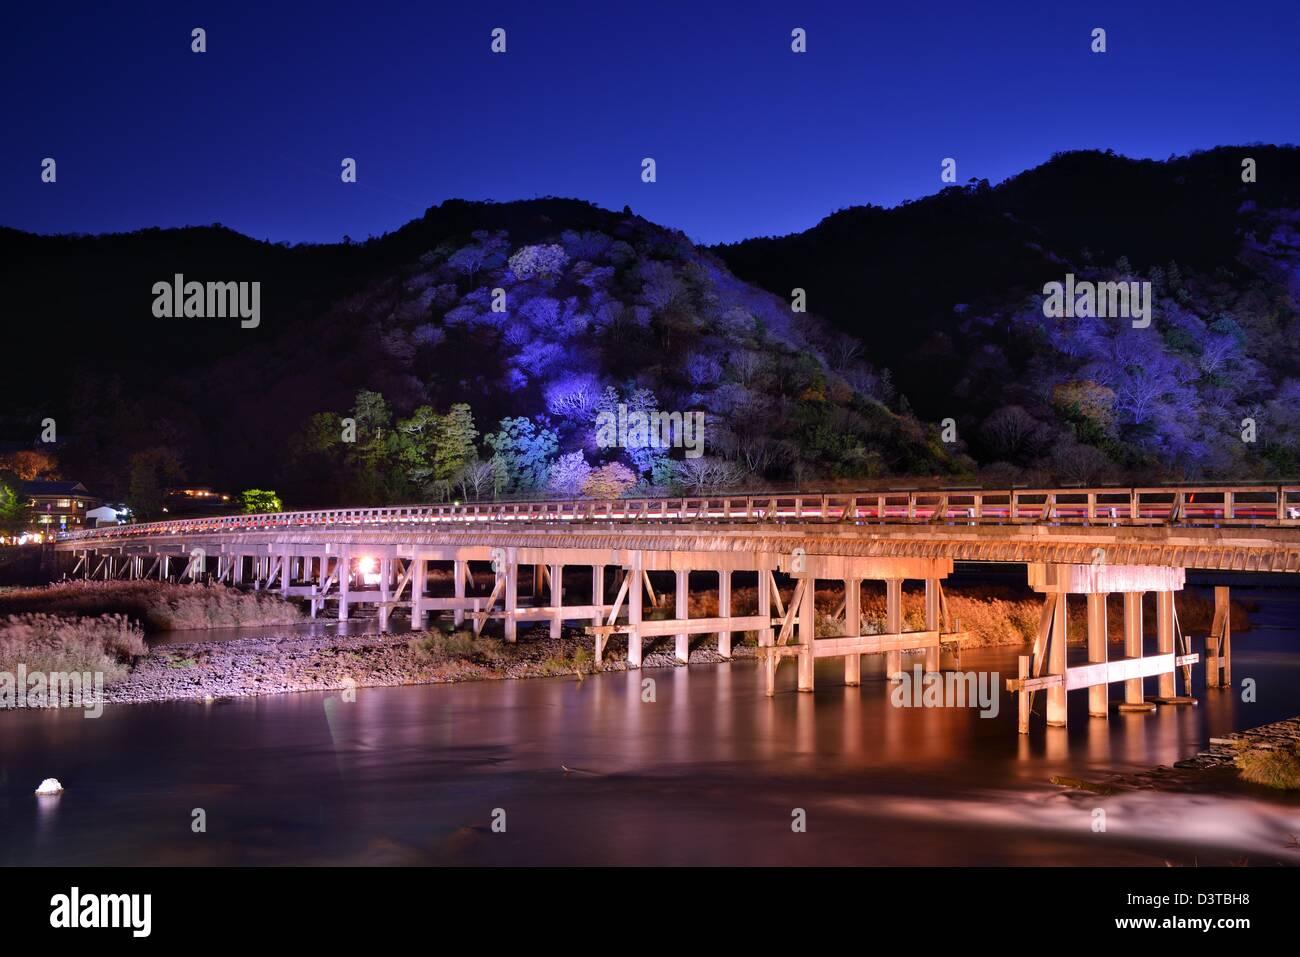 Lo storico ponte Togetsukyo, illuminata di notte nel quartiere Arashiyama di Kyoto, Giappone. Immagini Stock